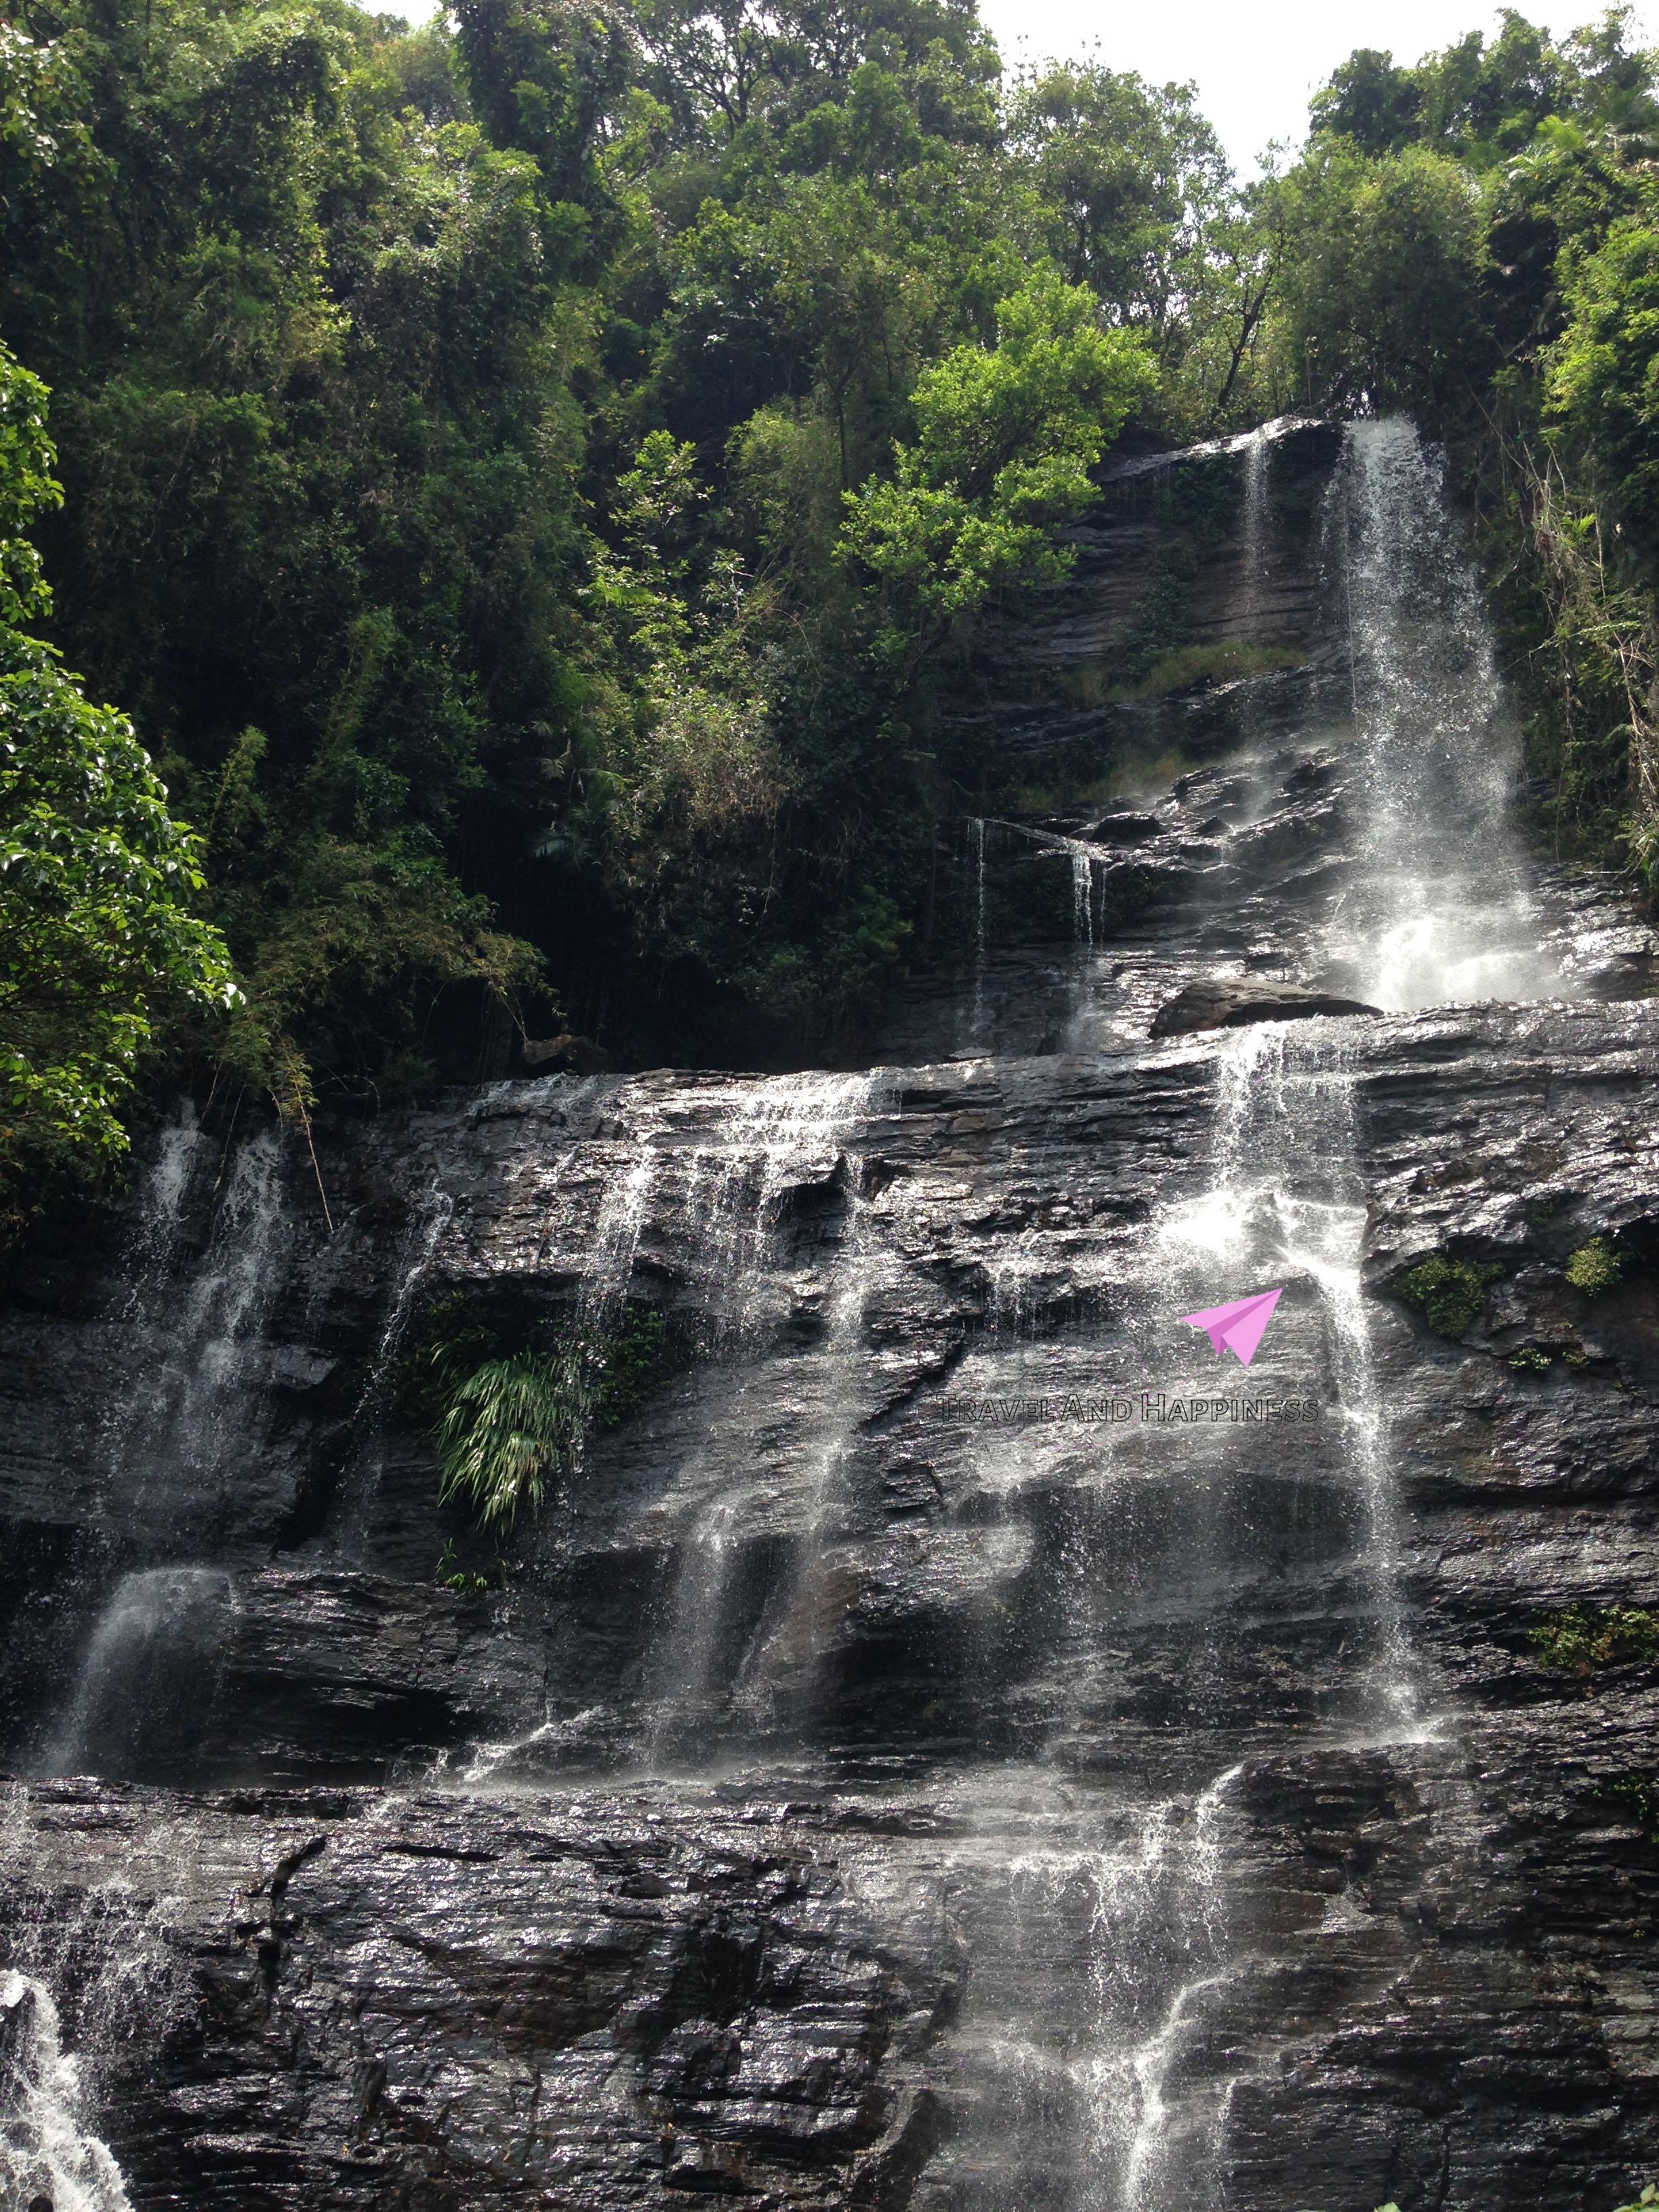 13. Jhari or Jeri falls